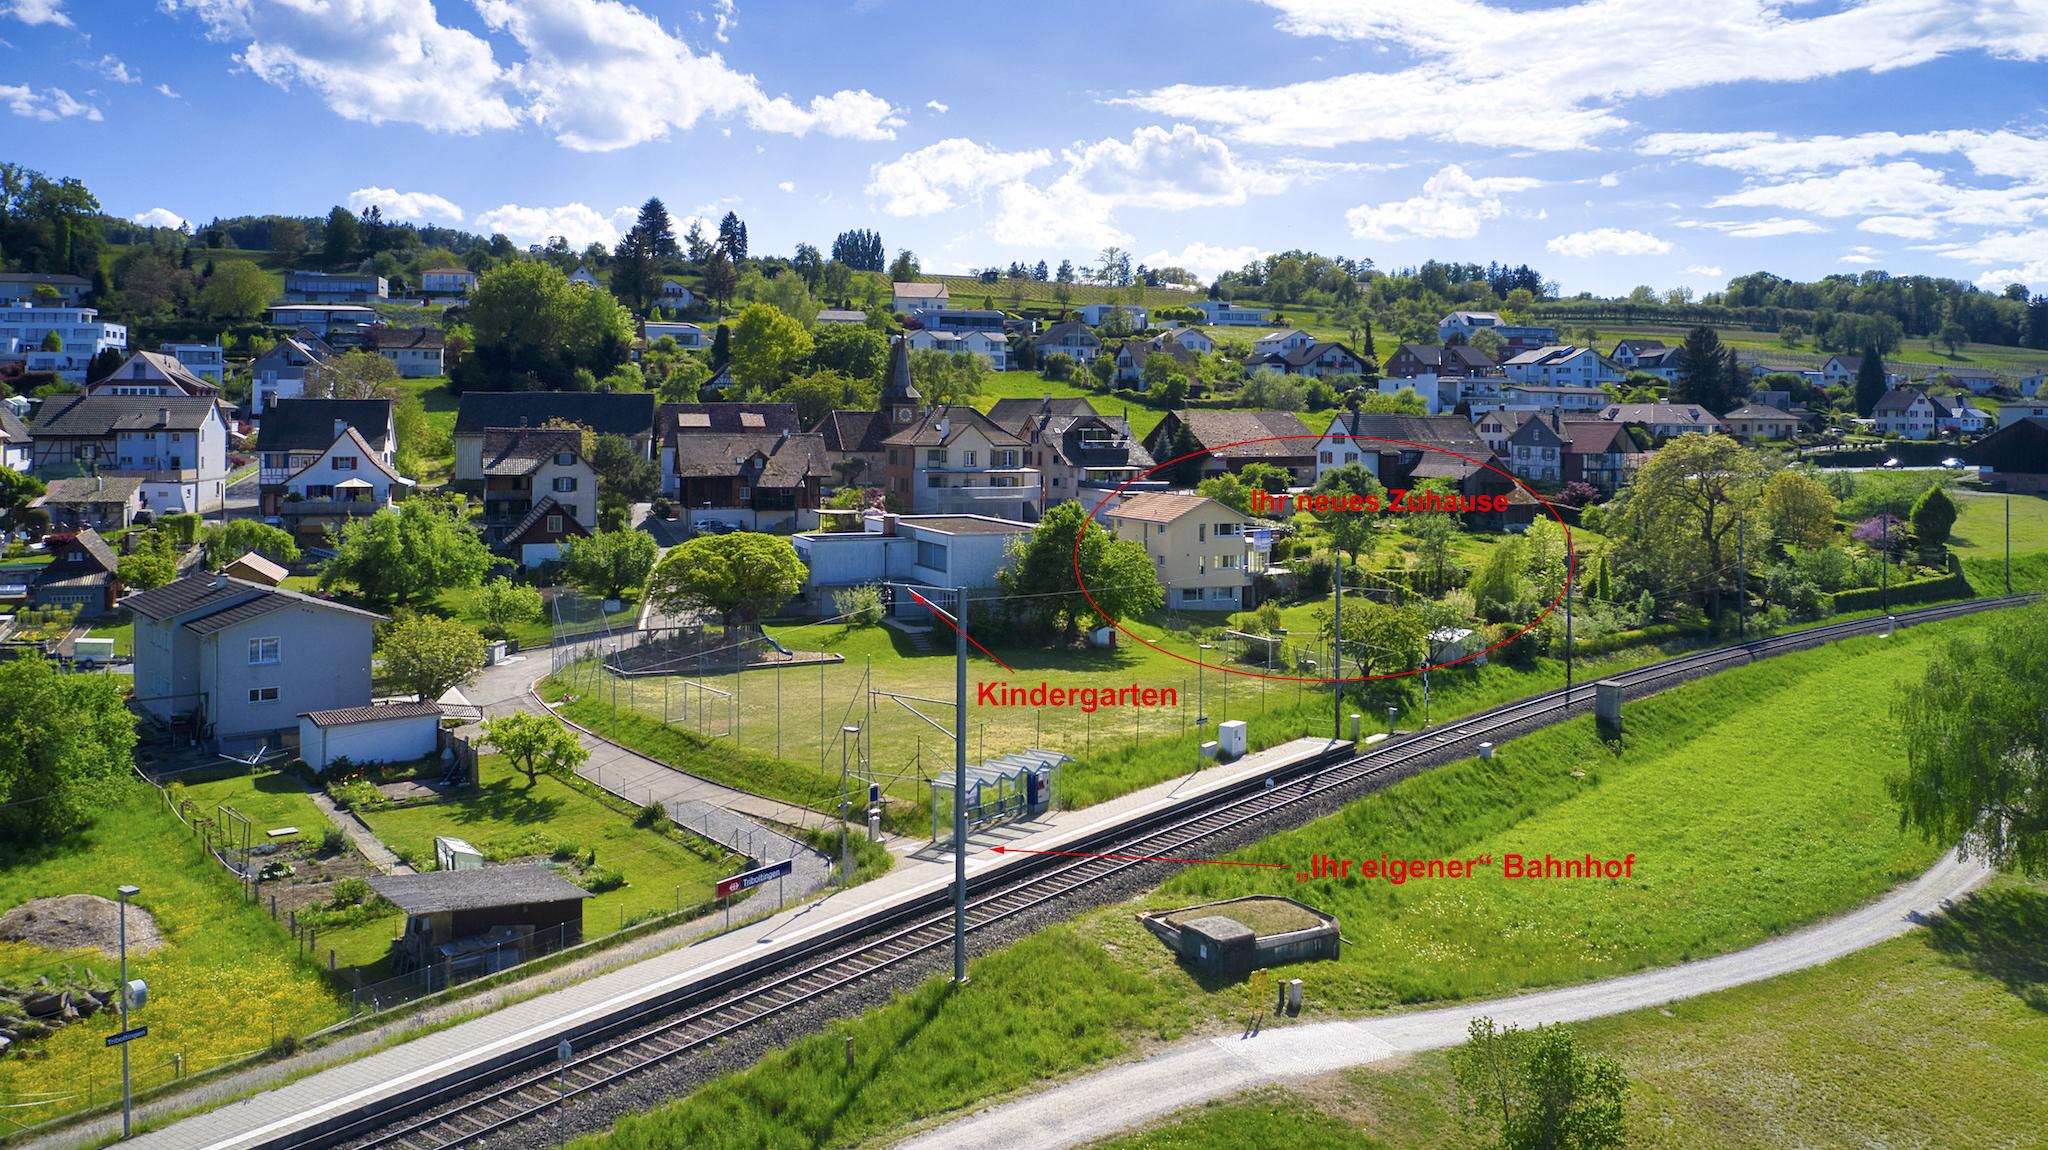 Übersicht mit Haltestelle, Kindergarten und Haus